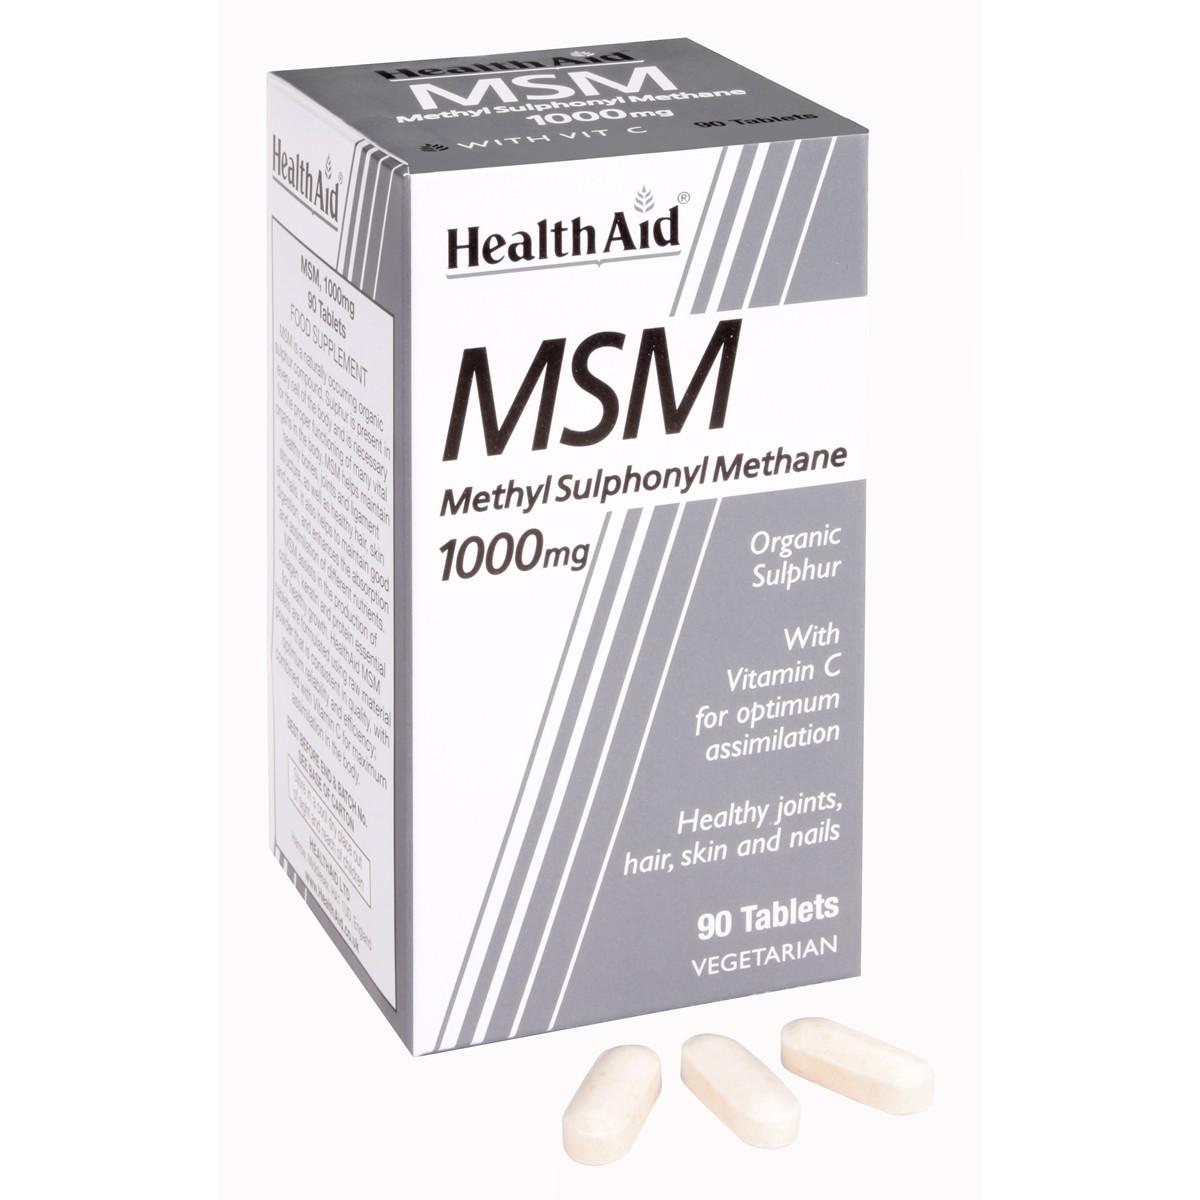 HealthAid MSM 1000mg (MethylSulphonylMethane)